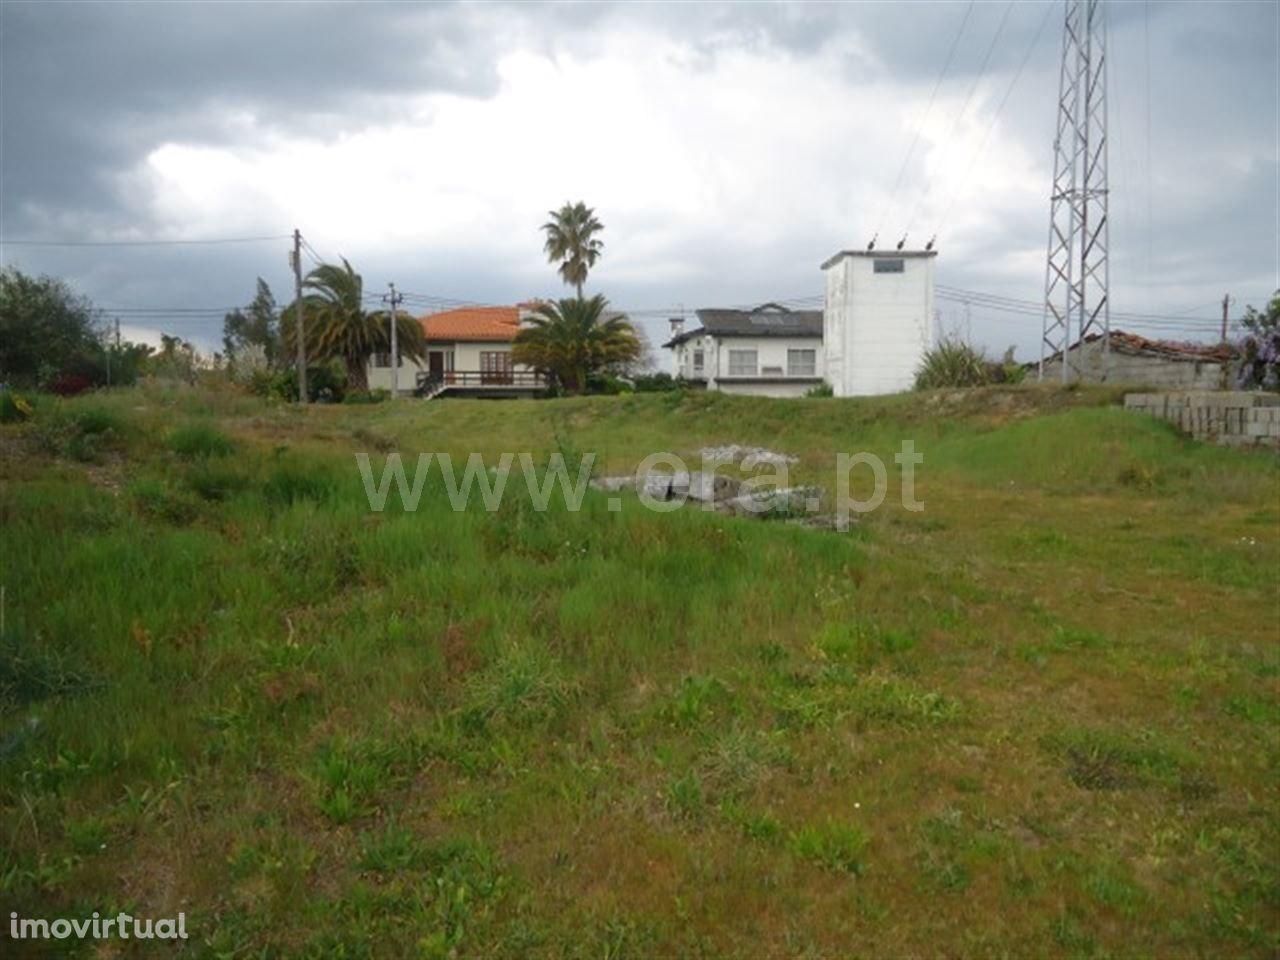 Terreno para construção com 1.100 m2 em Medelo - Fafe